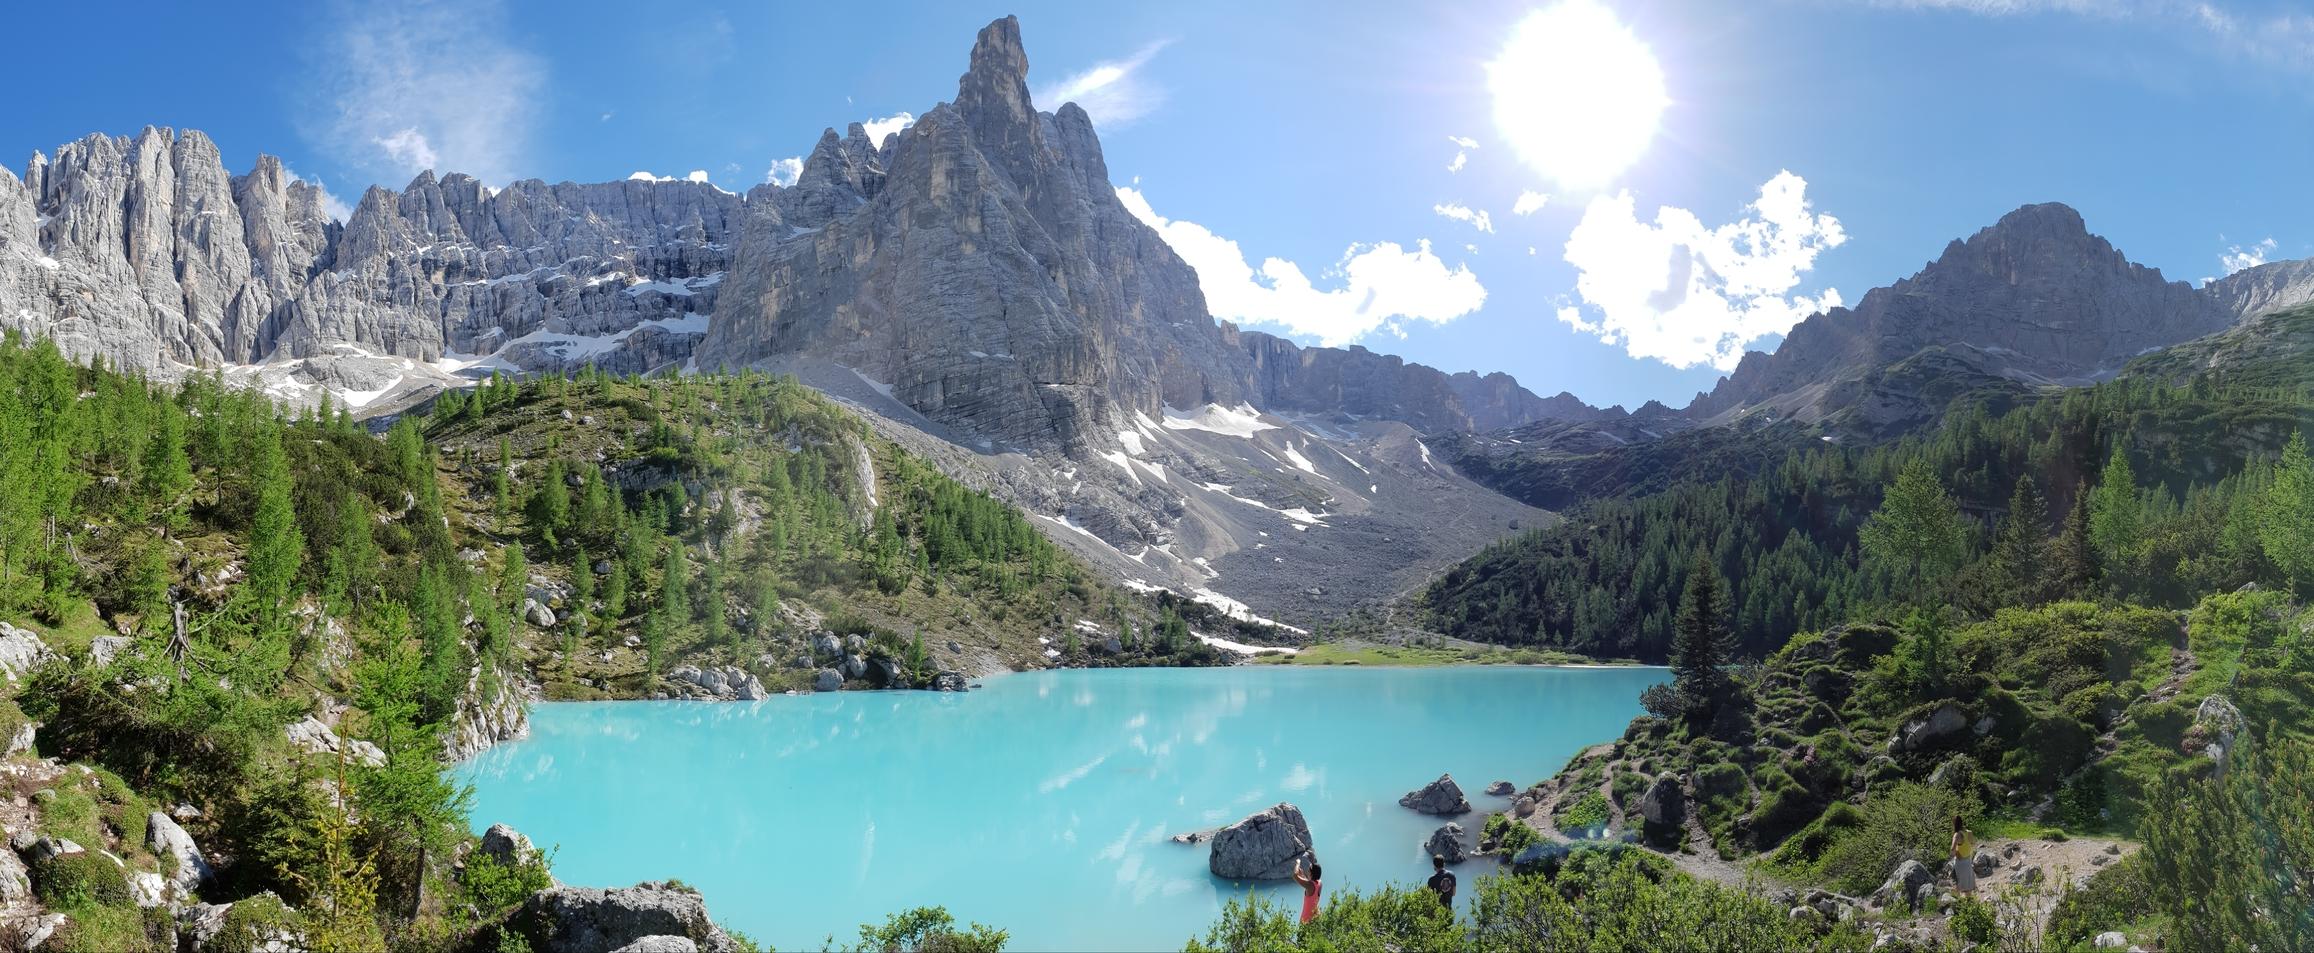 Lago di Sorapis Panorama